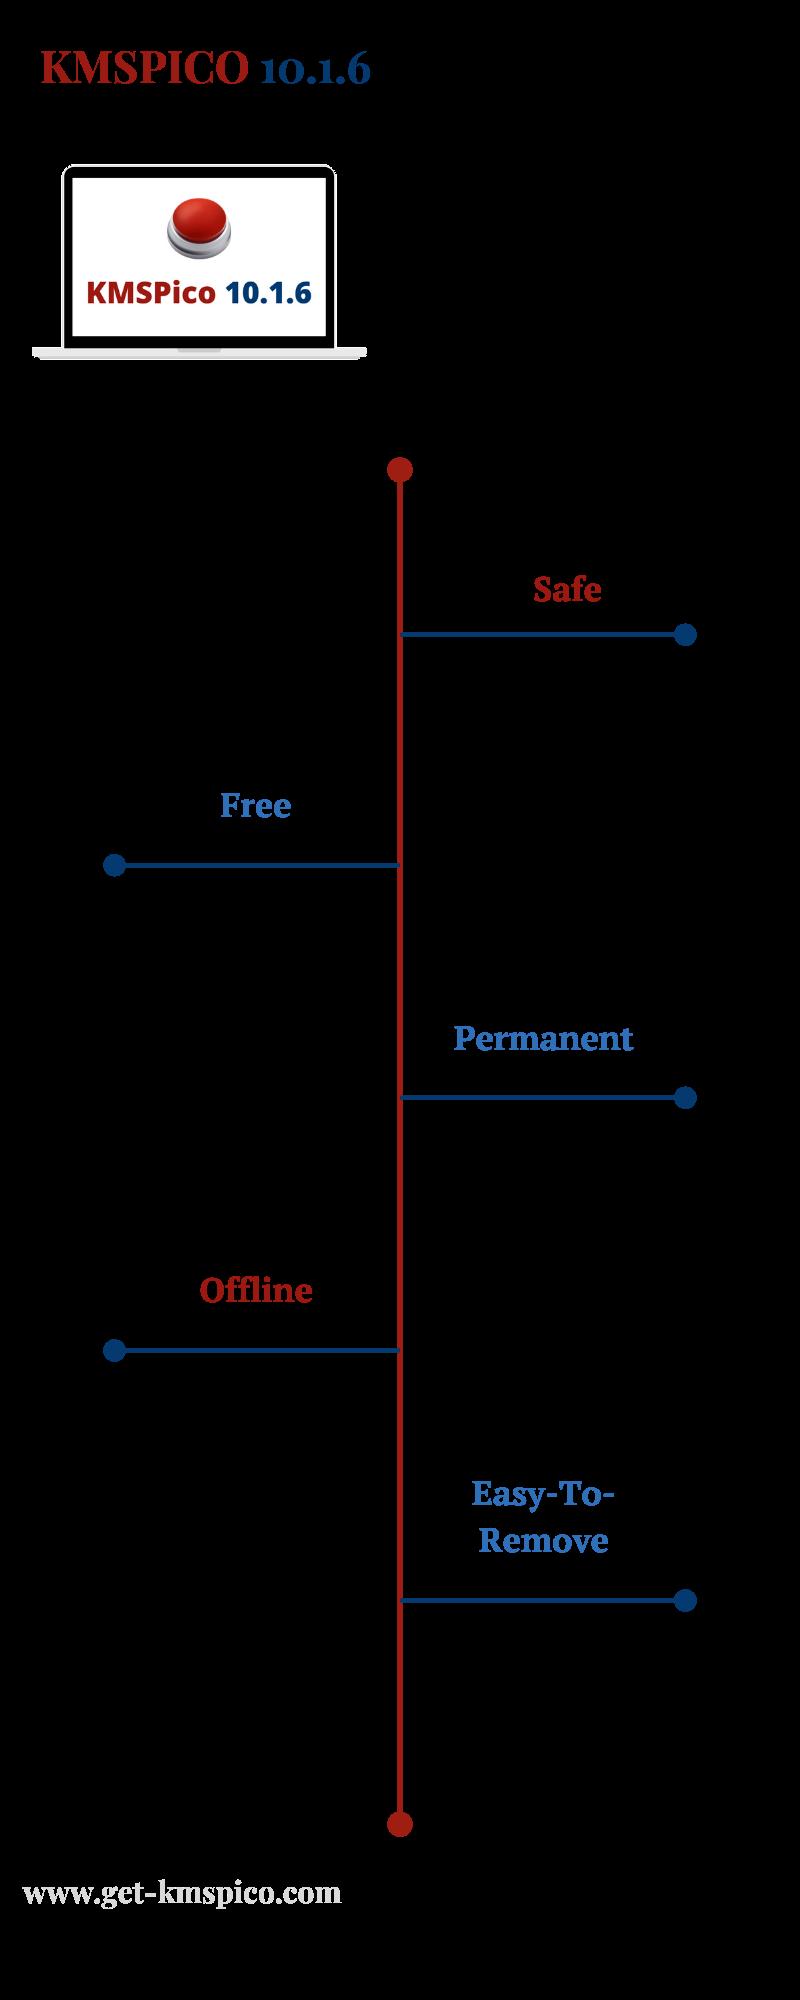 KMSPico-10.1.6-Infographic